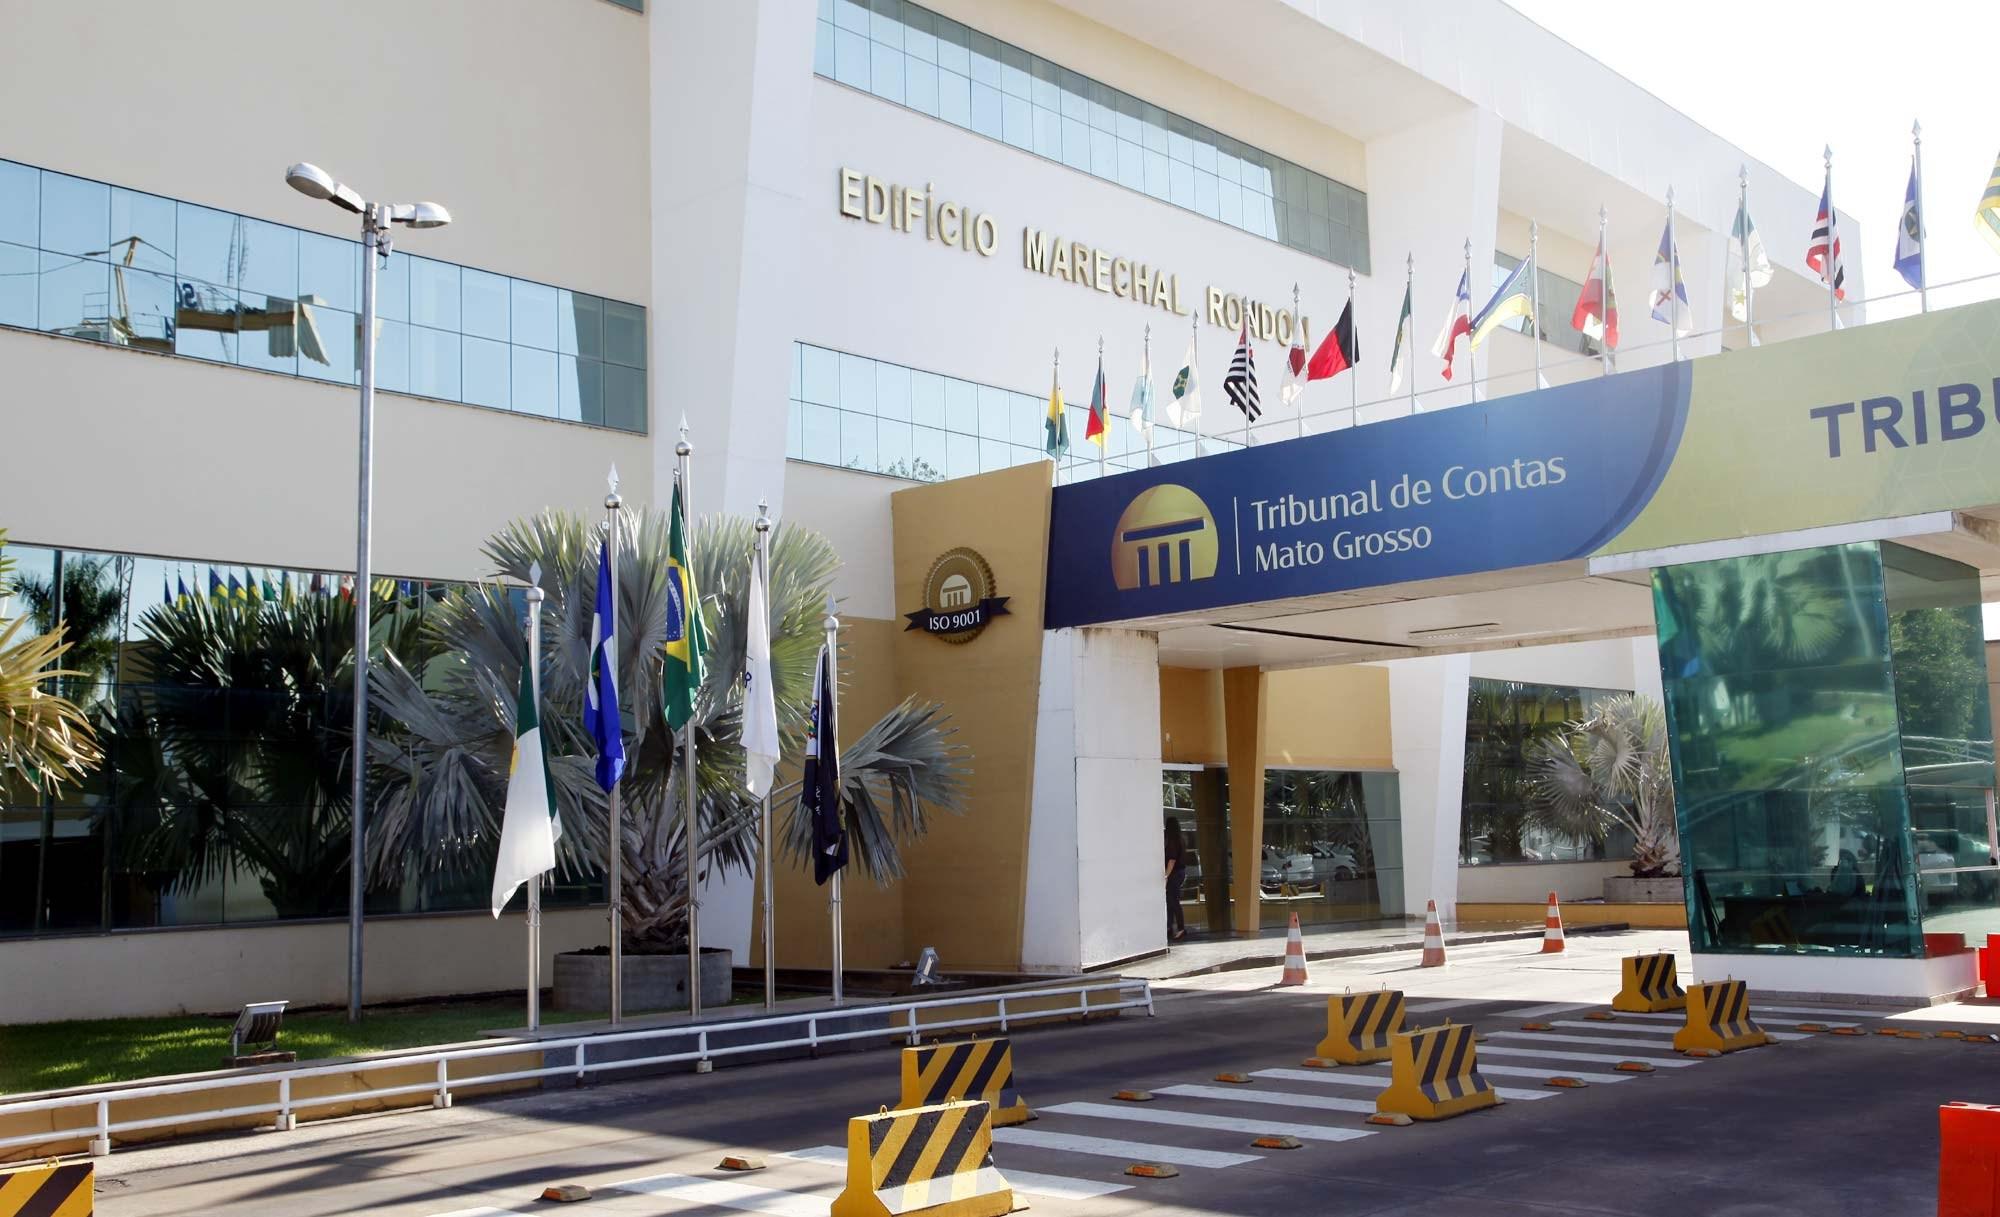 Câmara de Rondolândia descumpre prazo e TCE mantém grave irregularidade